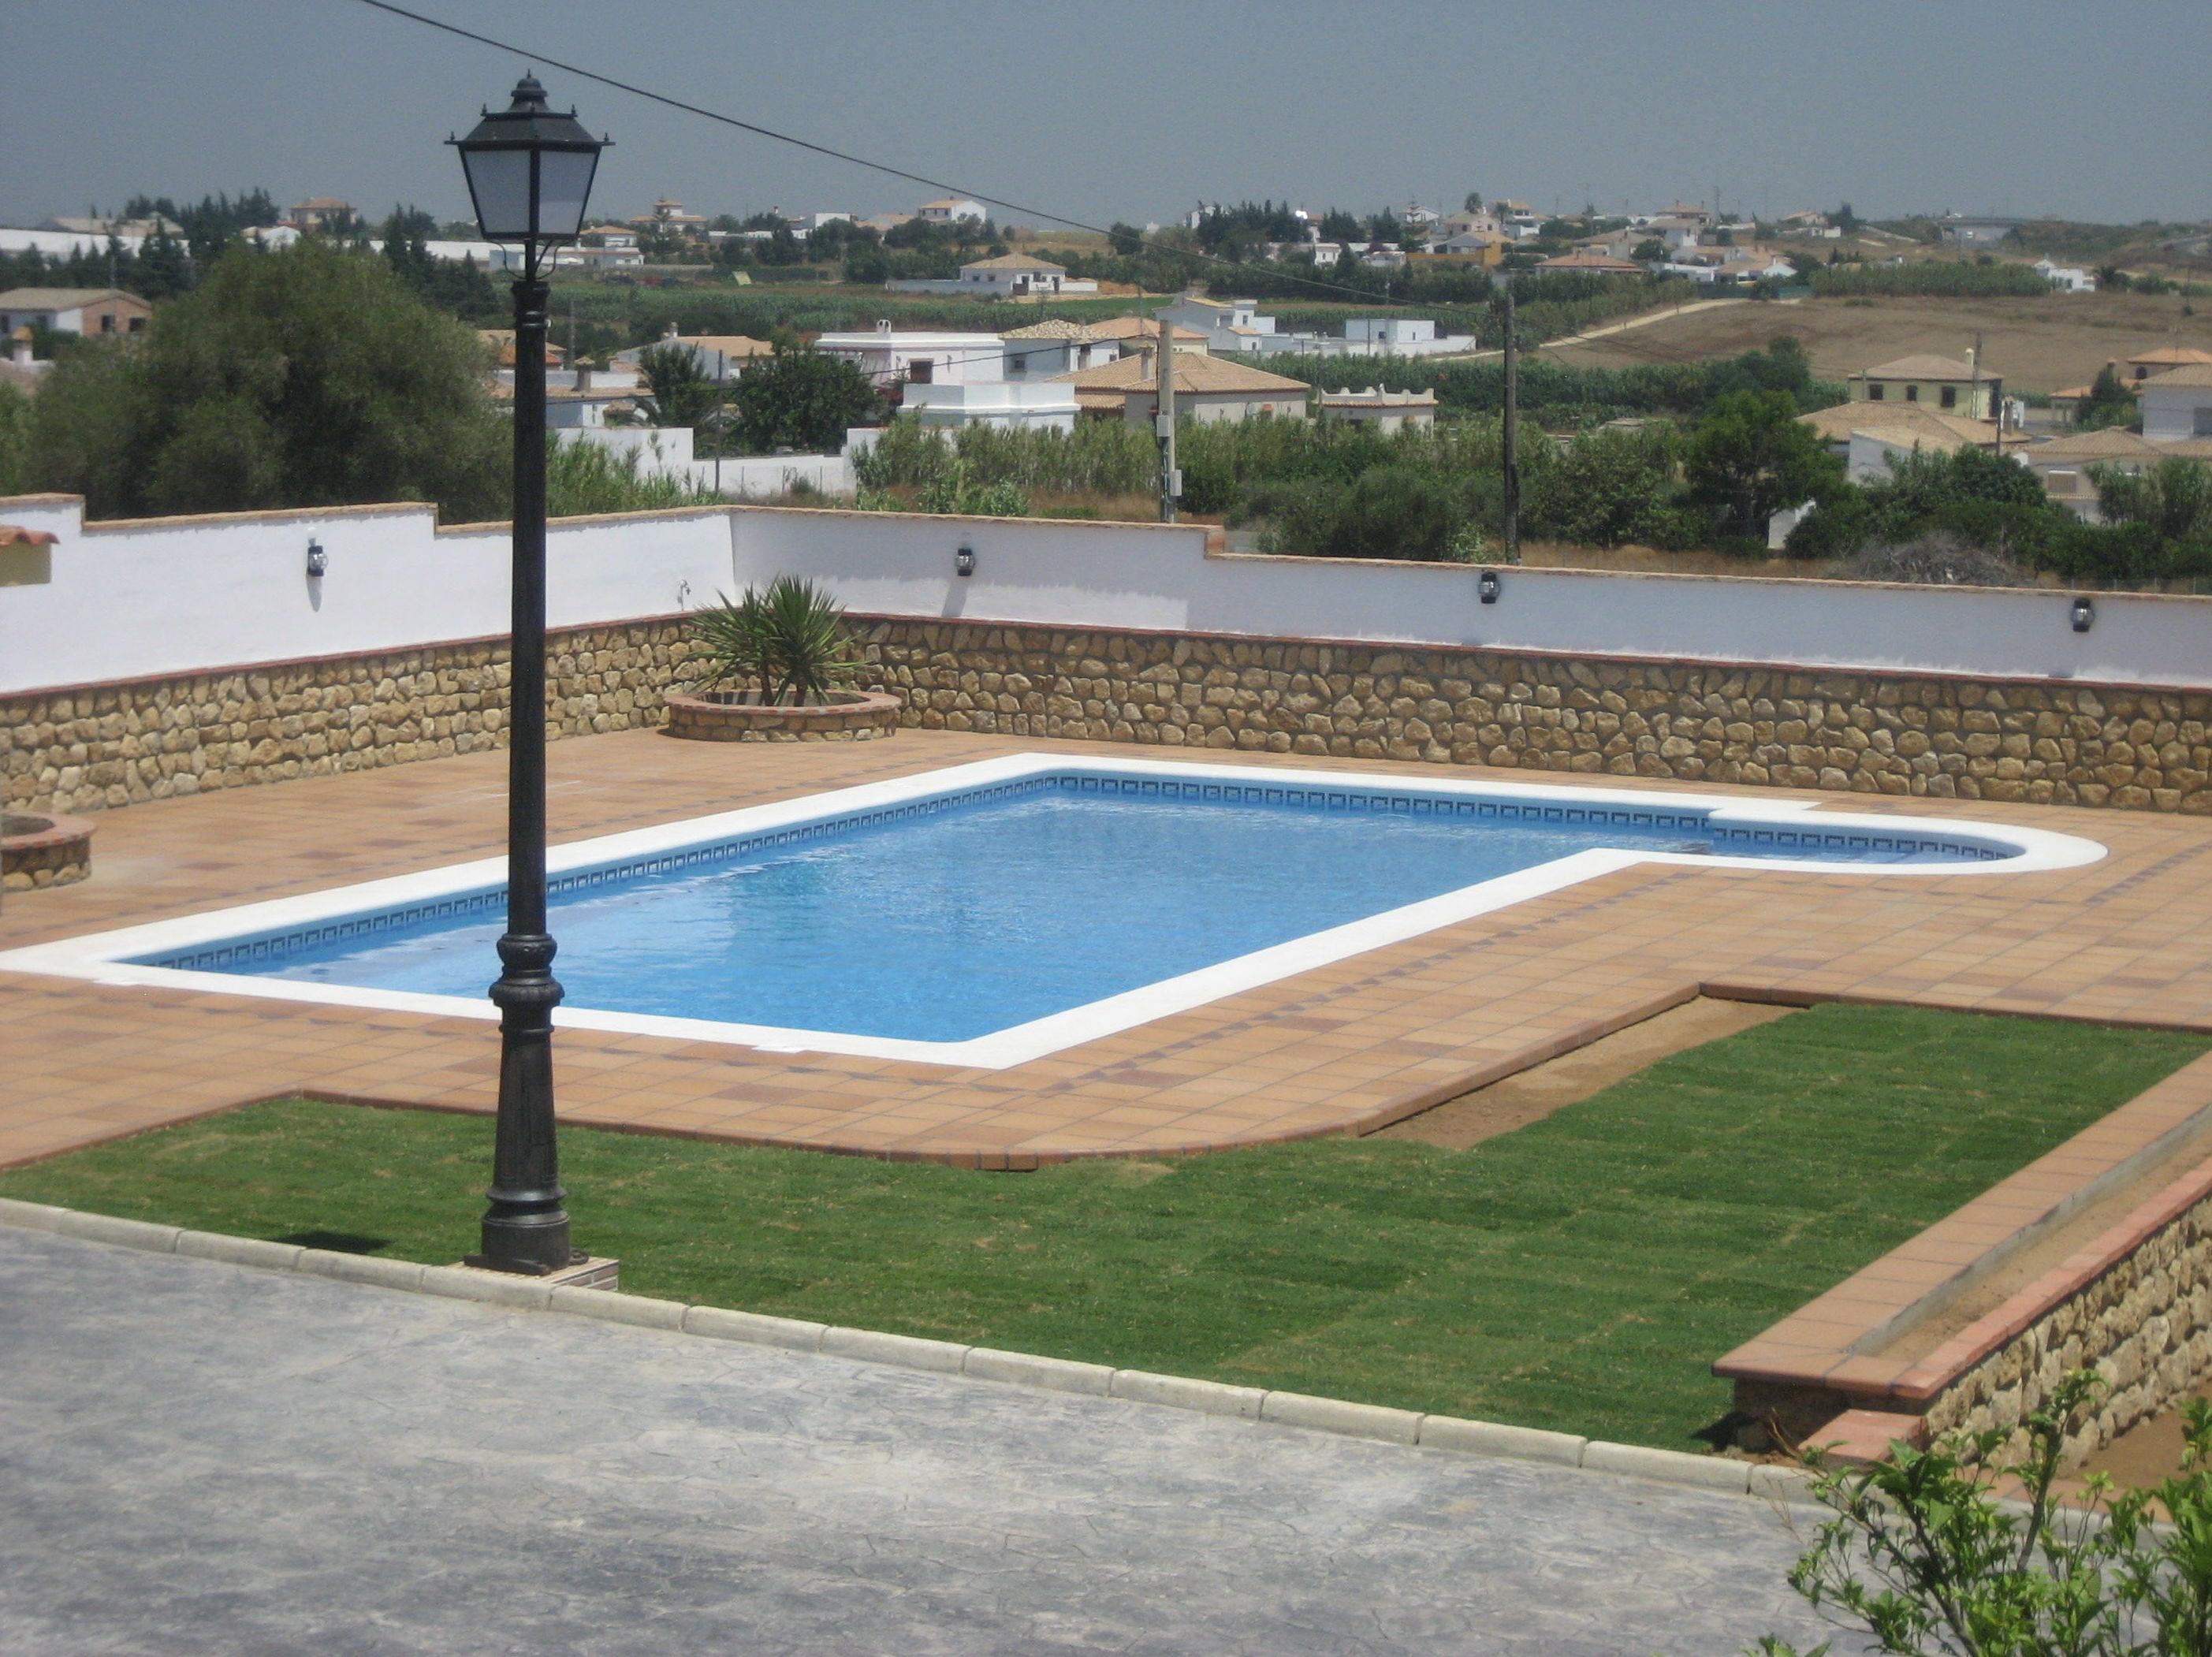 Foto 11 de Tiendas de piscinas en Chiclana de la Frontera | Aguatec Chiclana